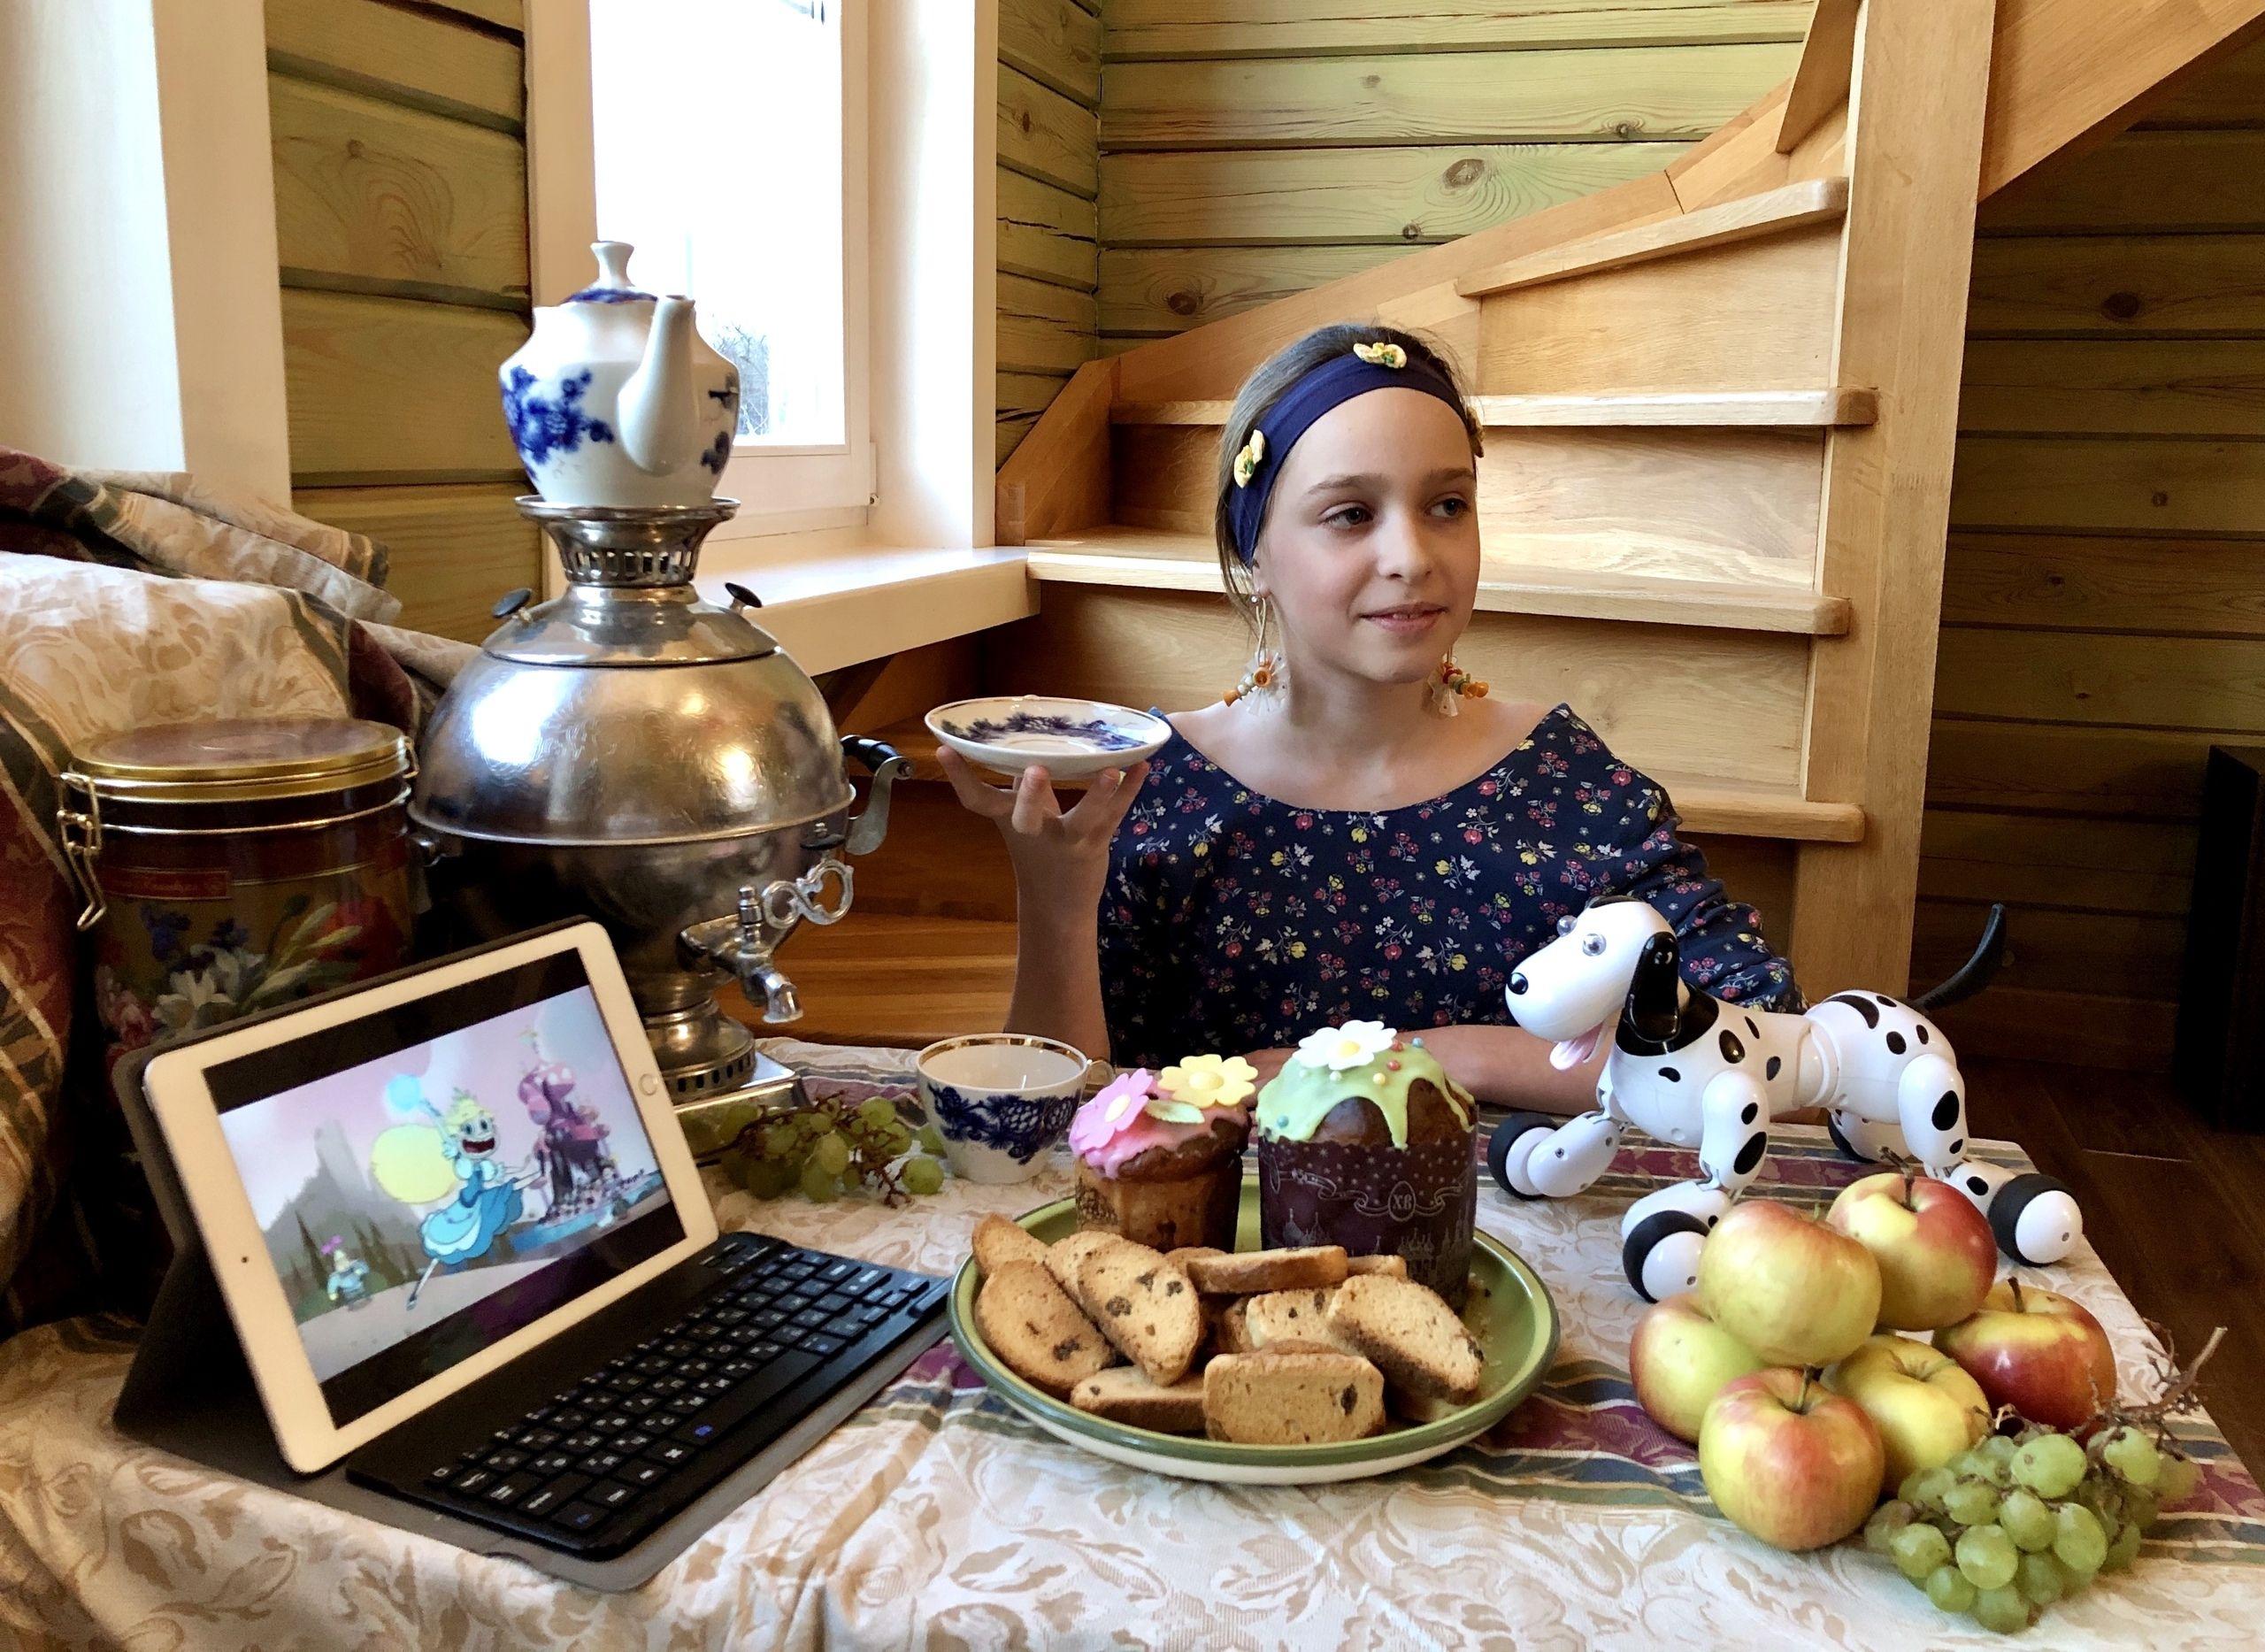 ФотоКвест 2.0: новый семейный конкурс запустили в «Северном Чертанове»